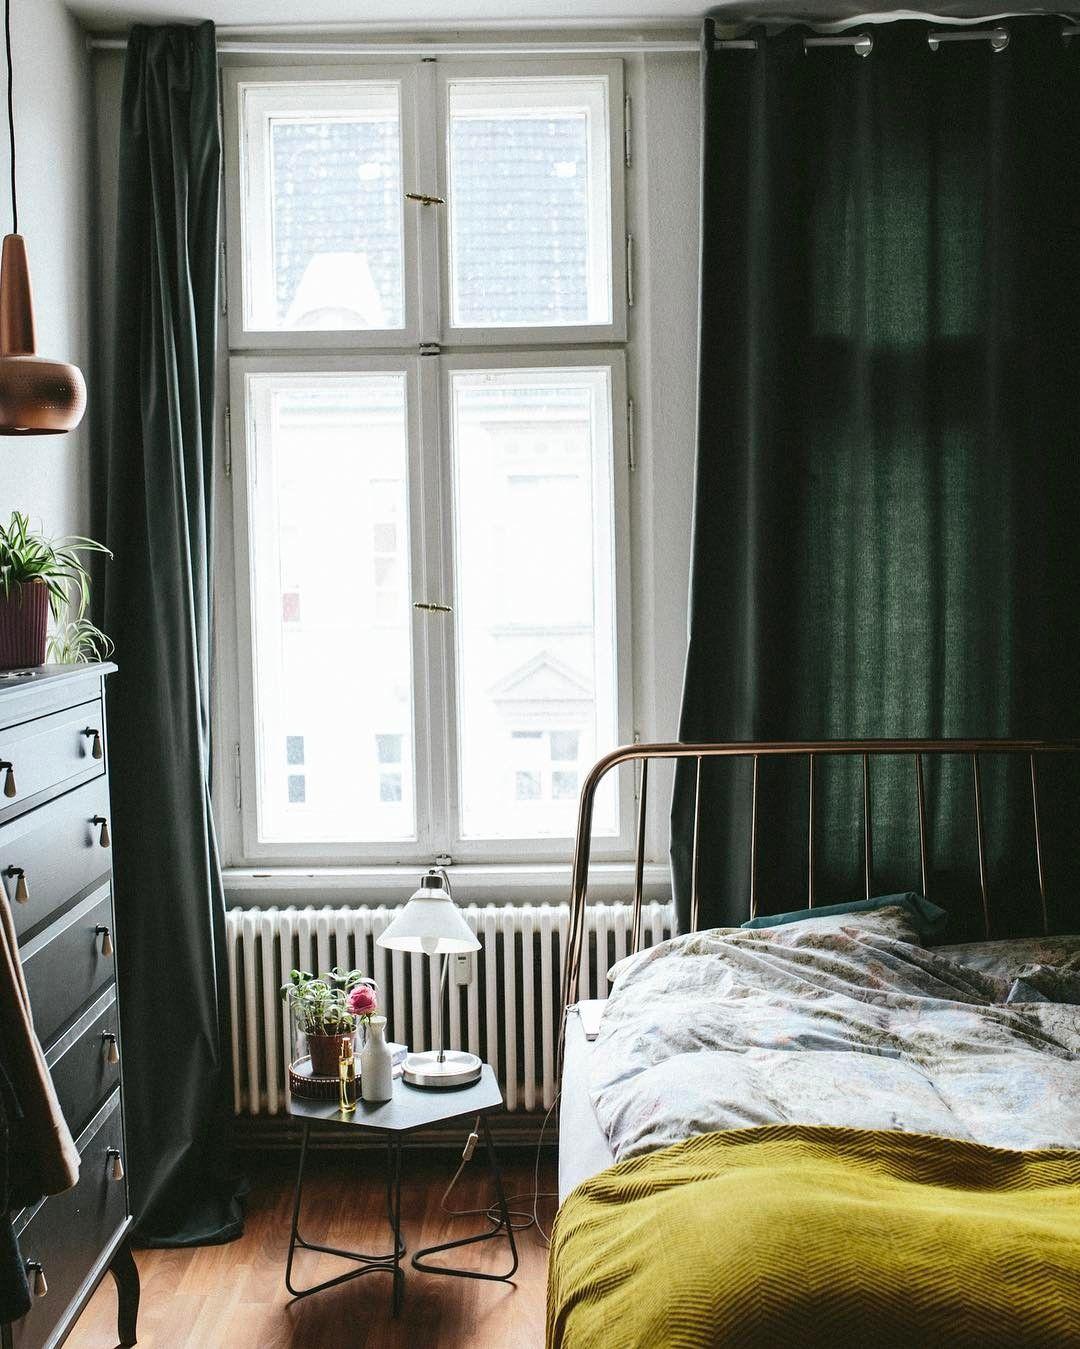 full wall drapes in dark color | Bedroom interior, Bedroom ...